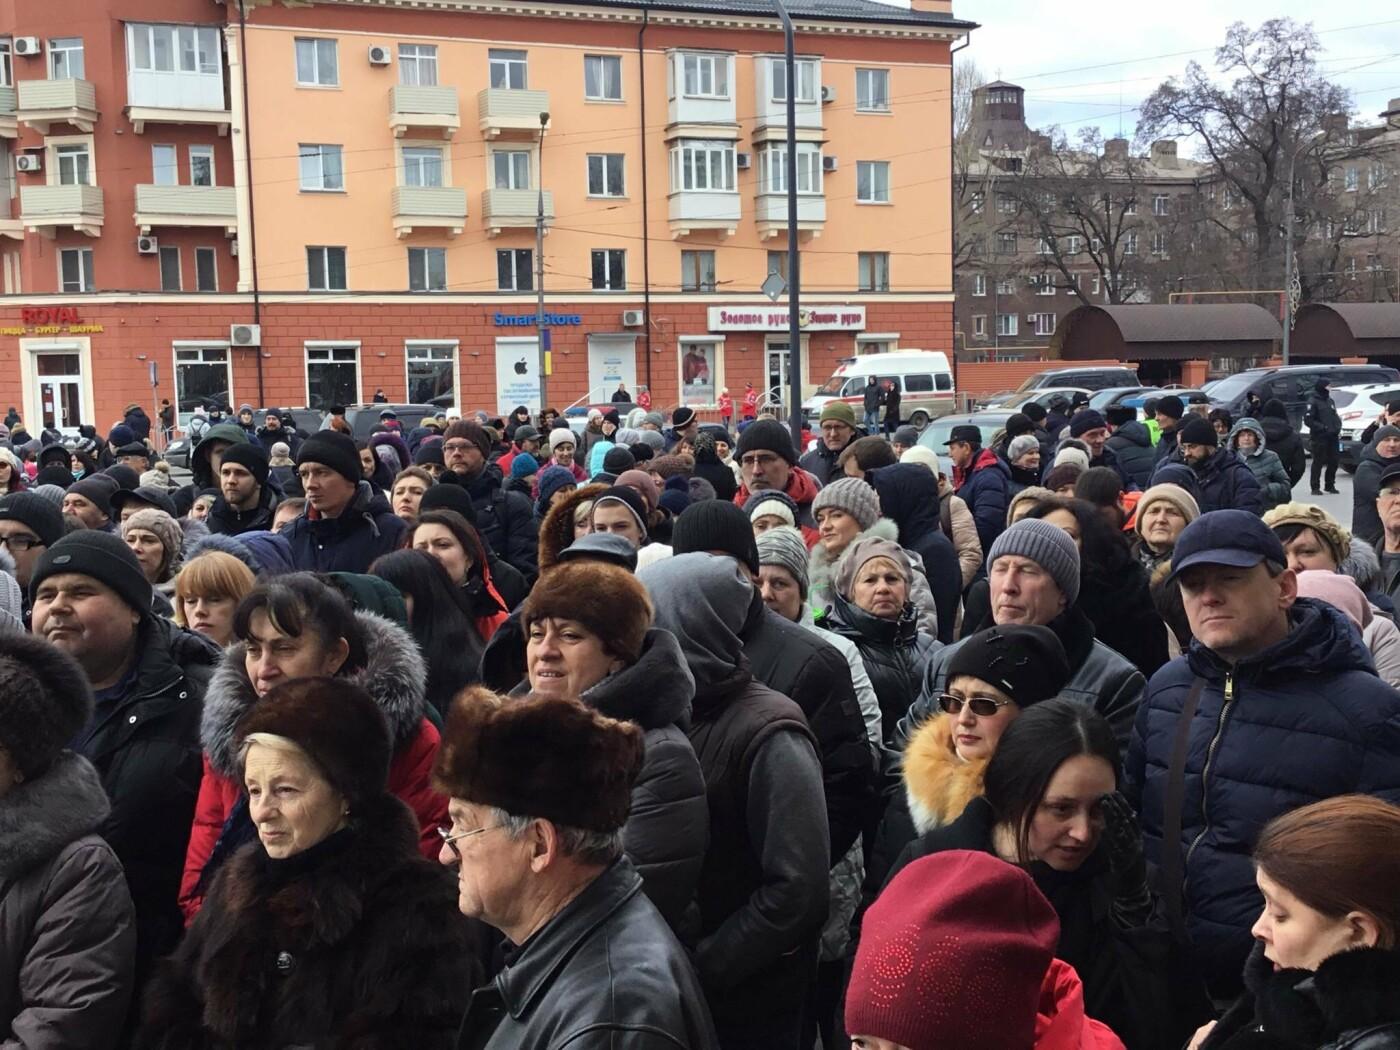 Мариупольцы митингуют против повышения тарифов на проезд, - ФОТО, ВИДЕО, Дополняется, фото-6